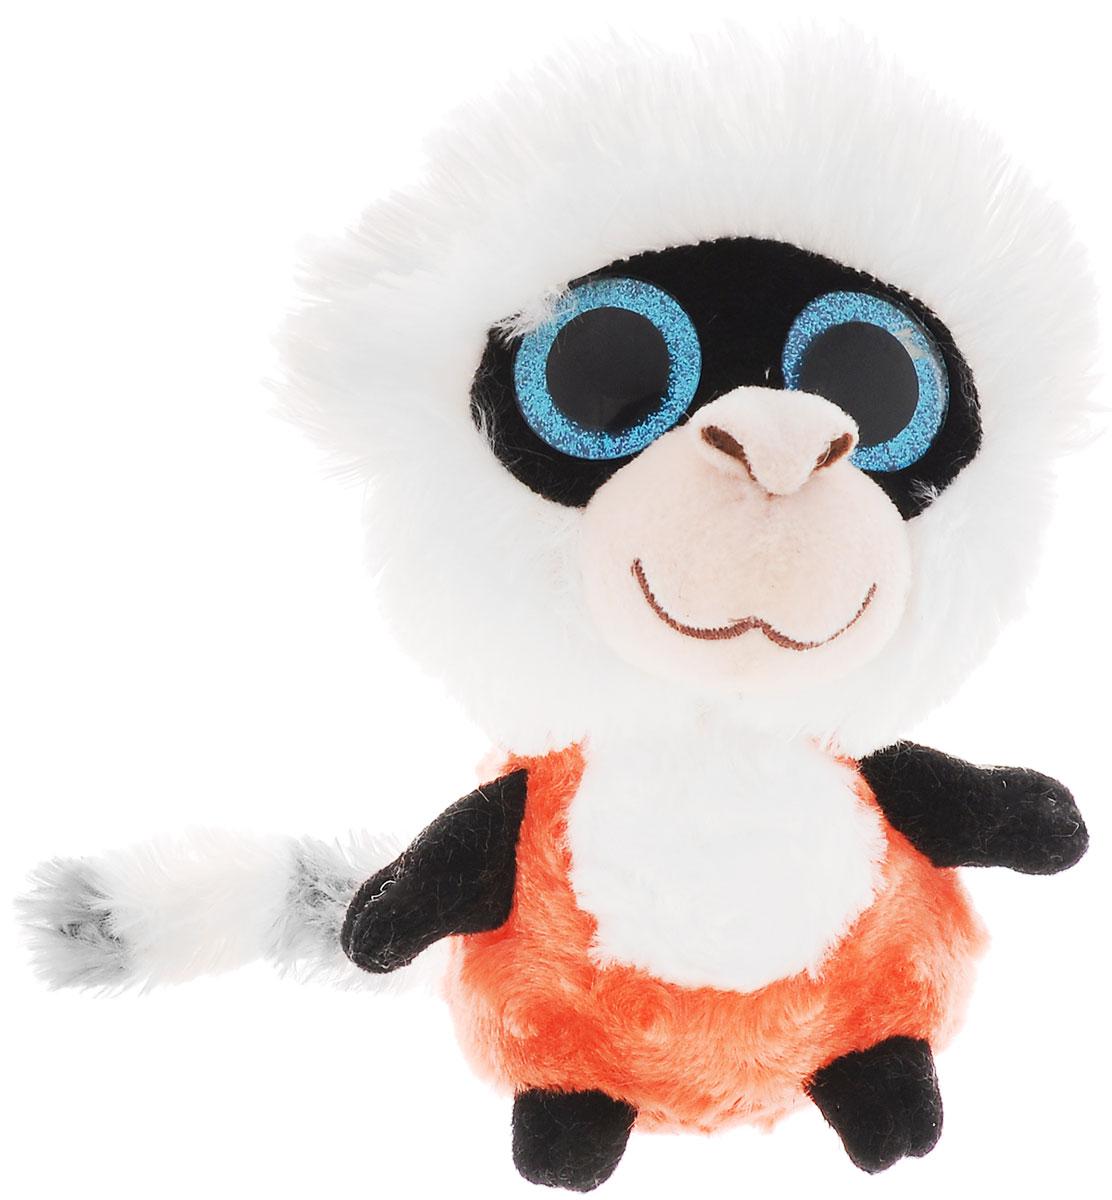 Aurora Мягкая игрушка Юху и друзья. Обезьянка Колобус, 15 см65-121Очаровательная мягкая игрушка Юху и друзья. Обезьянка Колобус принесет радость и подарит своему обладателю мгновения нежных объятий и приятных воспоминаний. Огромные глаза Колобуса выполнены из пластика, мордочка обезьянки имеет уплотненную форму и широкие ноздри. Обезьянка обладает стильным и неповторимым дизайном, необычной формой и яркой расцветкой. Игрушка изготовлена из экологически чистых материалов: высококачественного плюшa и гипoaллepгeнного cинтепoна. Не деформируется и не теряет внешний вид после машинной стирки. Великолепное качество исполнения делают эту игрушку чудесным подарком к любому празднику, как для ребенка, так и для взрослых.